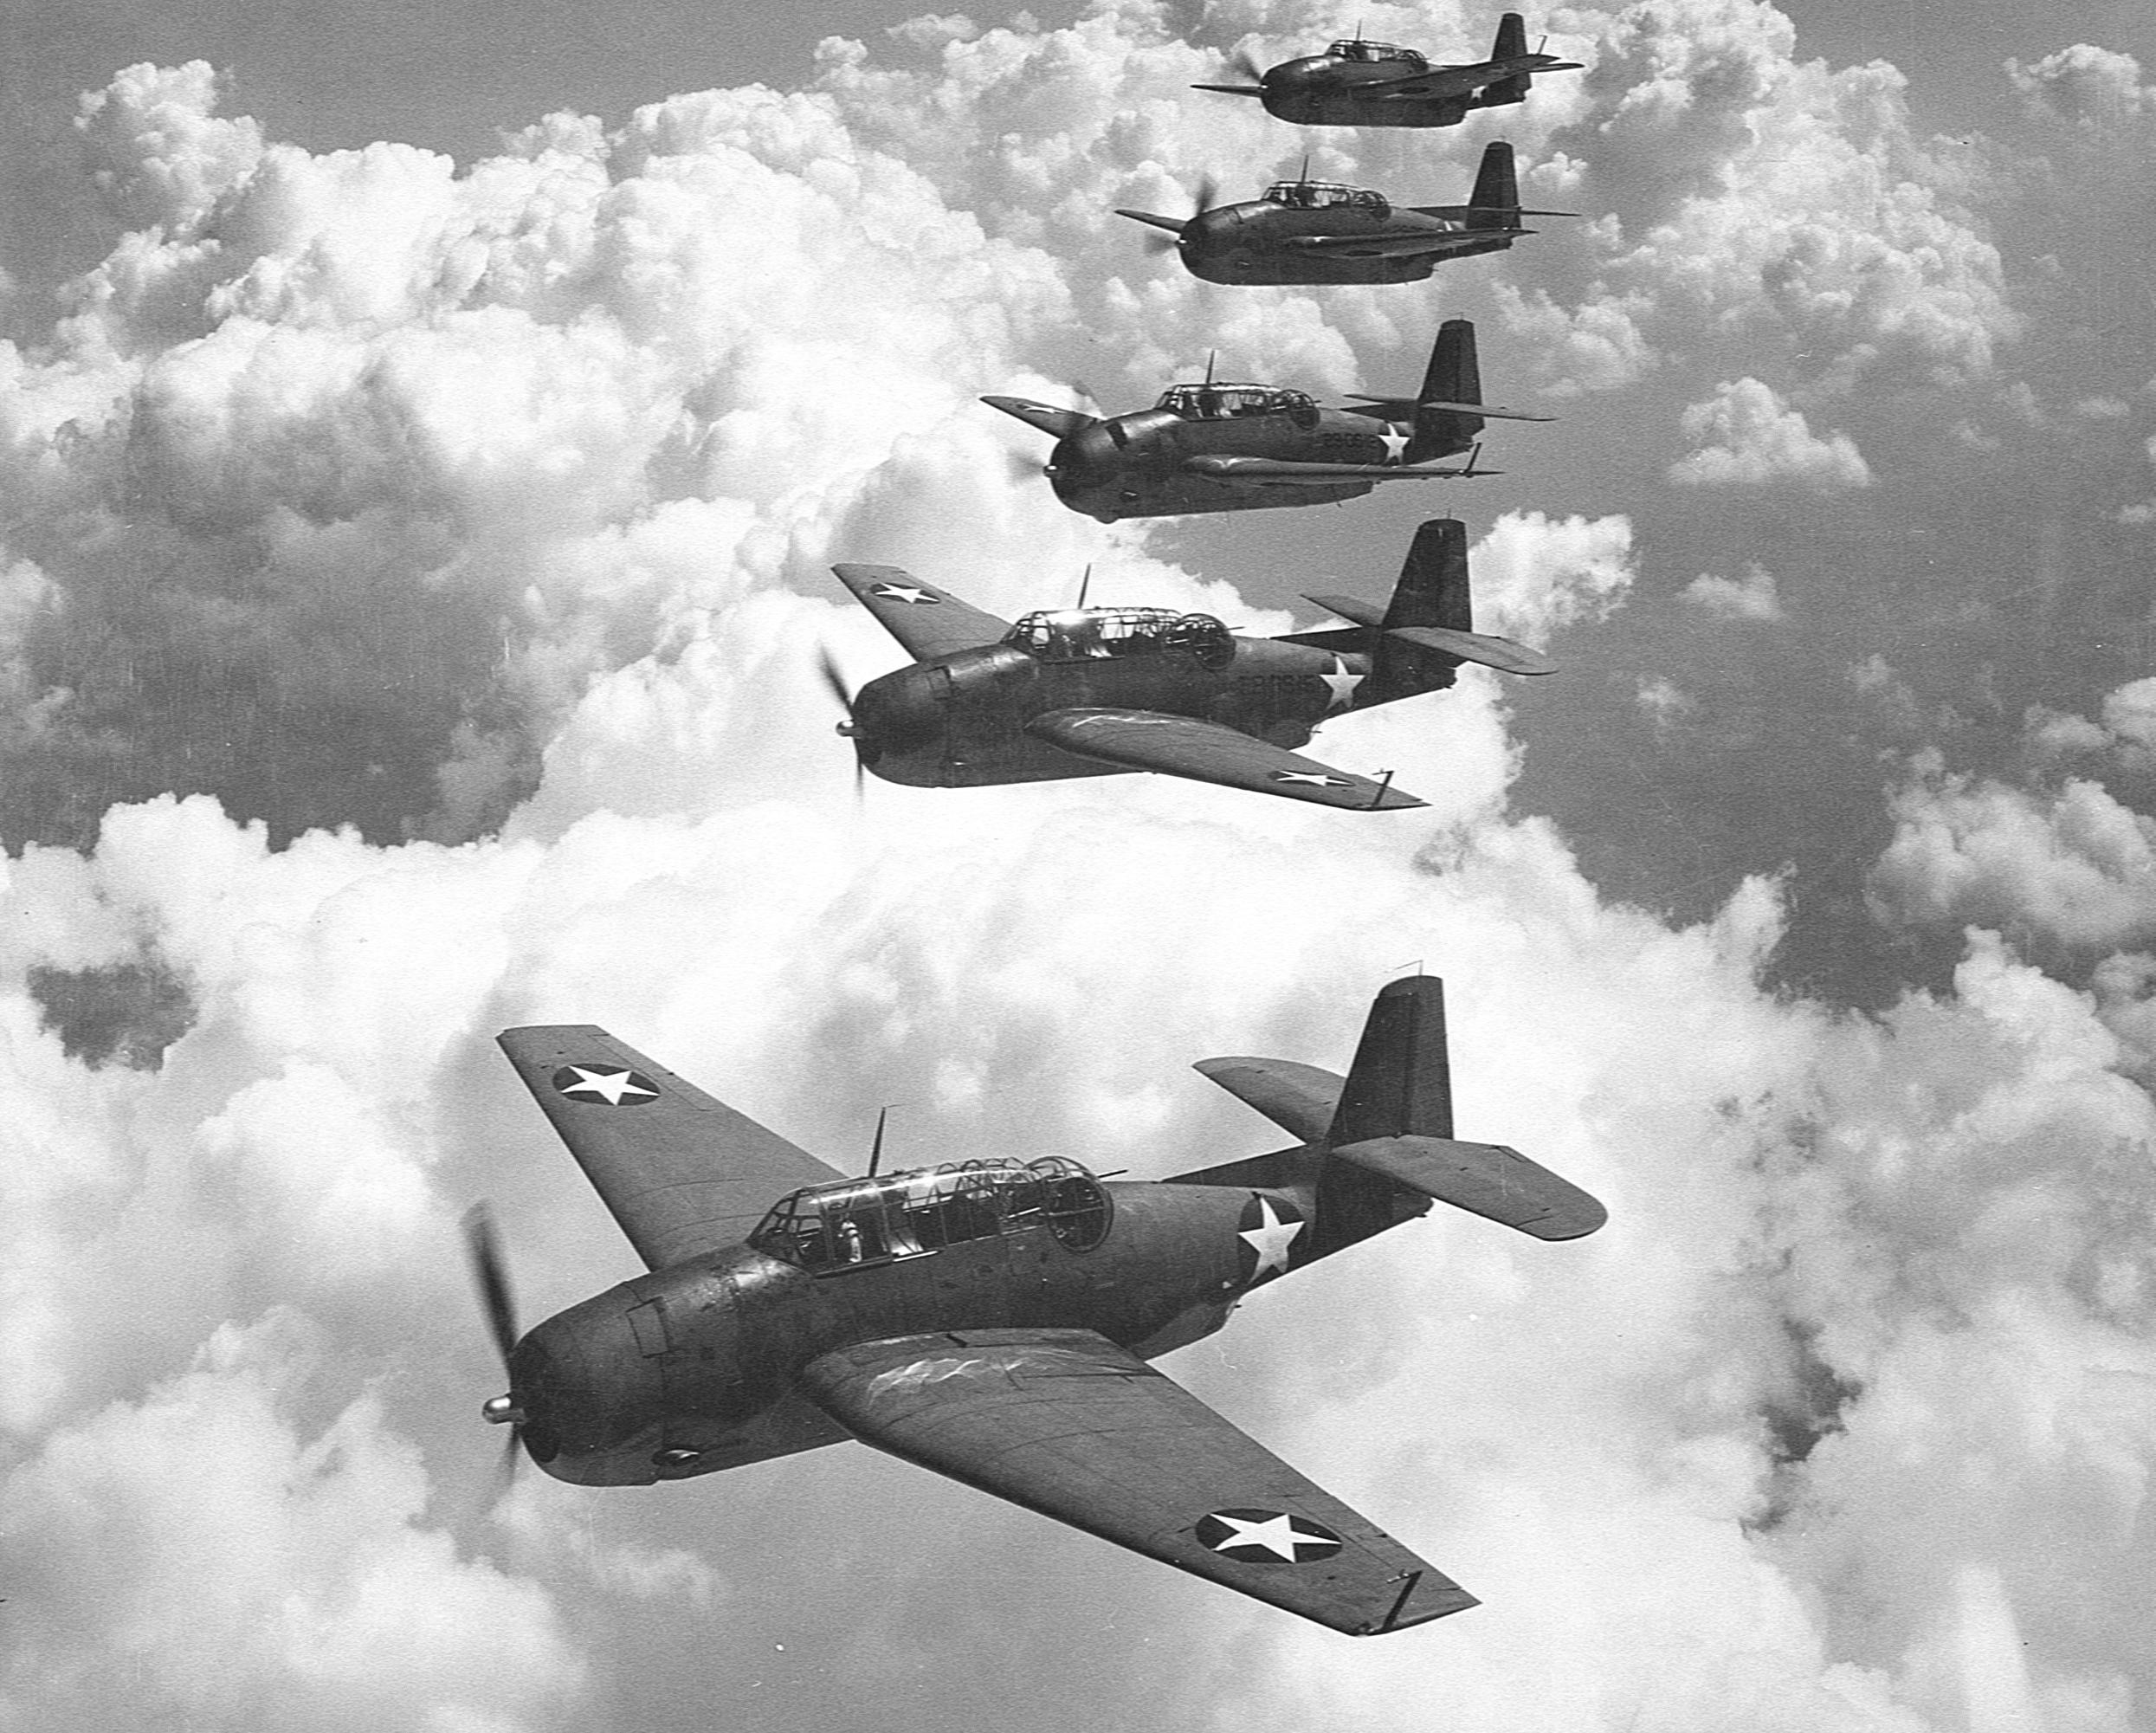 75 năm trước, phi đội máy bay chiến đấu của Mỹ đã biến mất bí ẩn tại Tam giác Quỷ Bermuda - Ảnh 2.